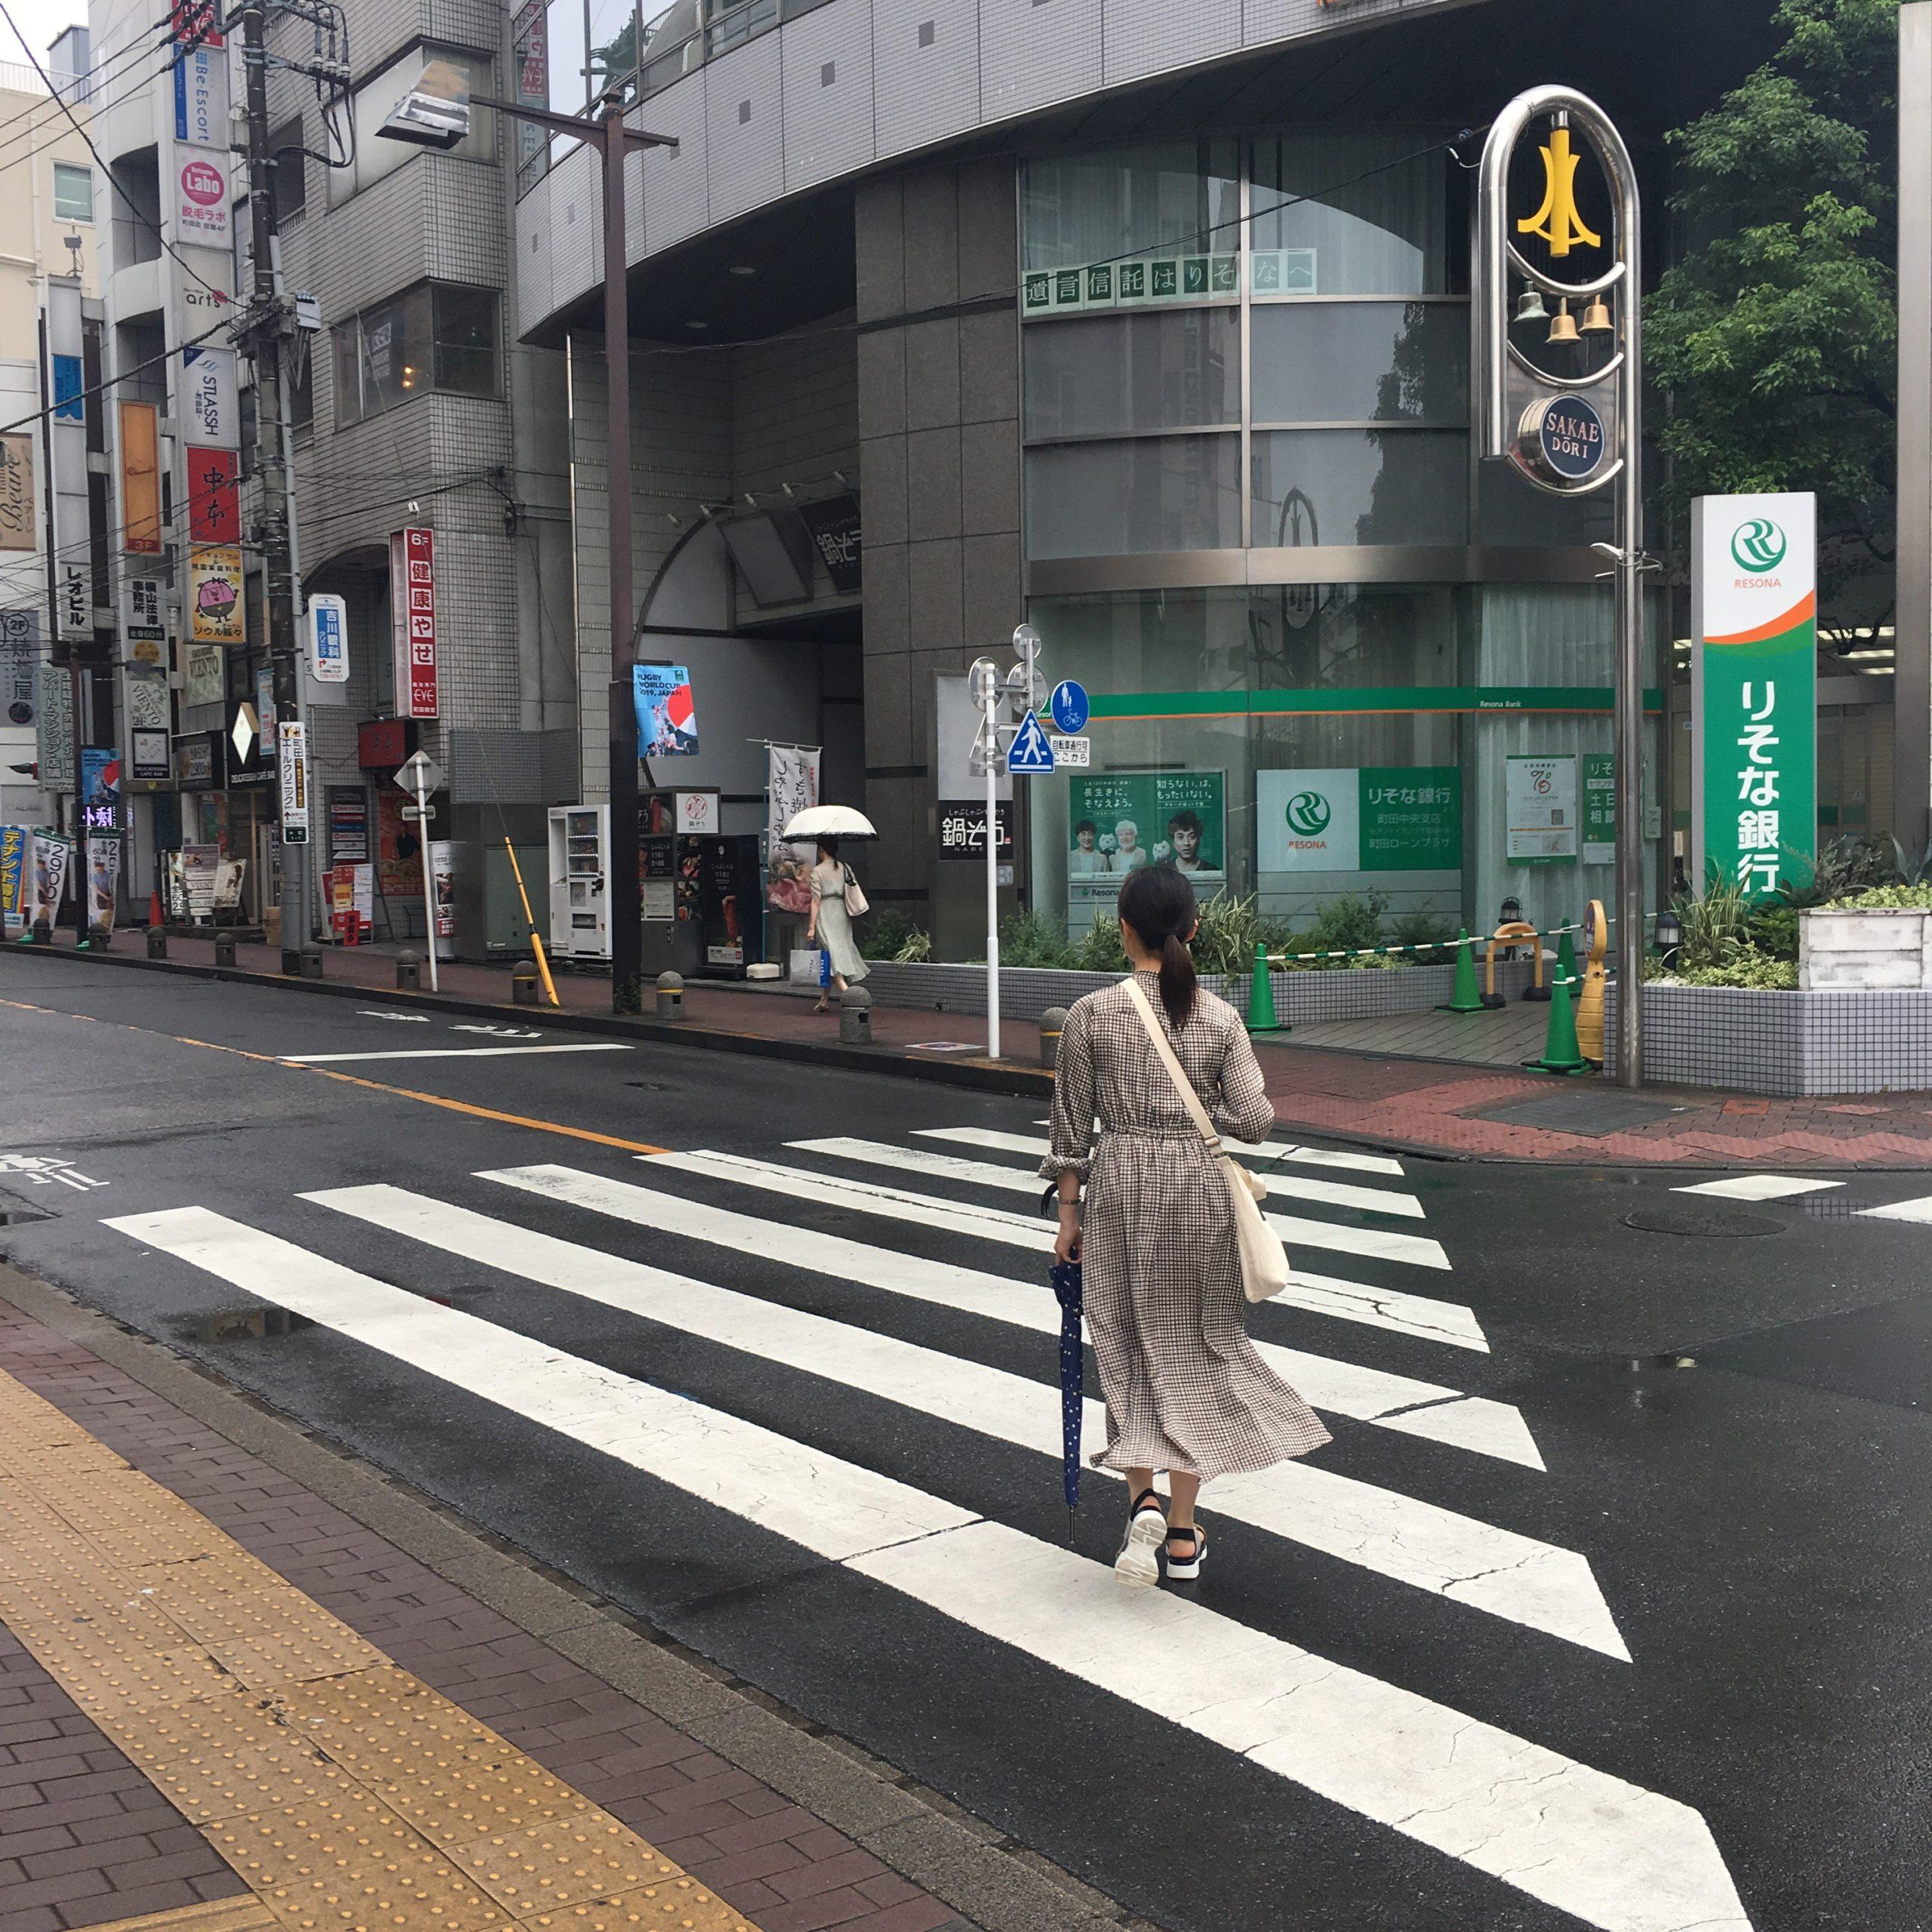 7.横断歩道を渡って左に進んでください。